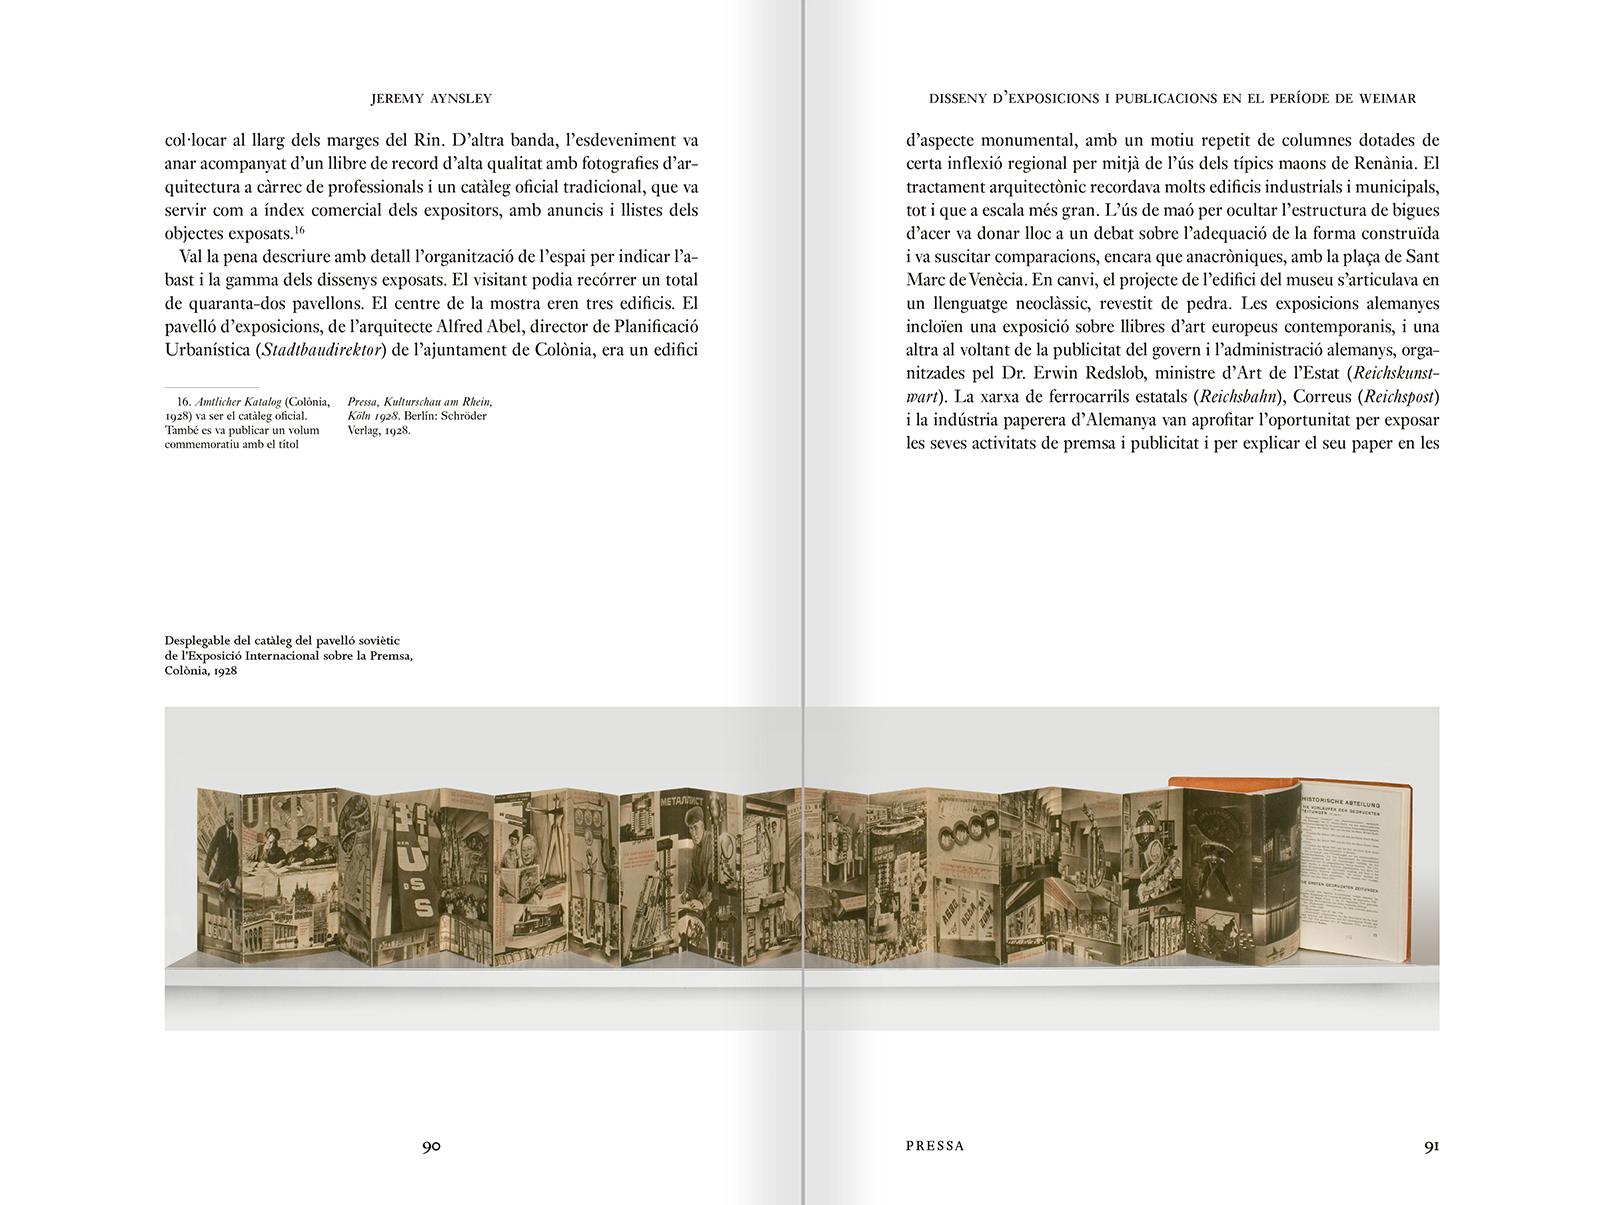 """Selección del catálogo """"Espacios fotográficos públicos. Exposiciones de propaganda, de Pressa a The Family of Man, 1928-1955"""" páginas 90 y 91"""